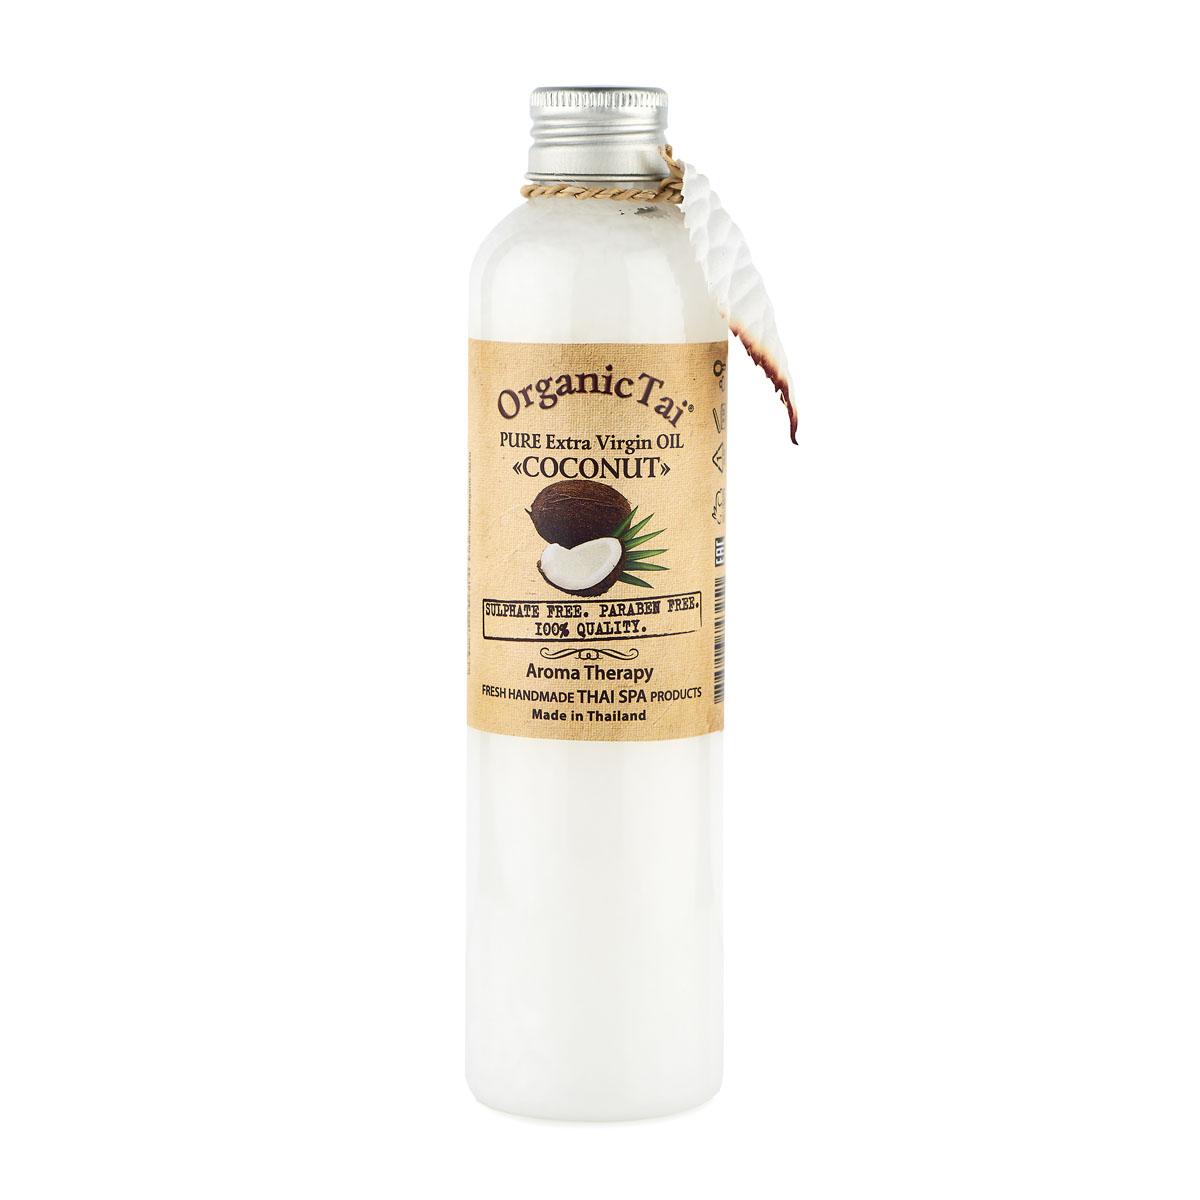 OrganicTai Чистое базовое масло КОКОСА холодного отжима, 260 мл72523WDРУЧНАЯ РАБОТА. ТАЙСКИЙ SPA. АРОМАТЕРАПИЯ. Мастера тайского массажа применяют это масло с давних времен. Идеально подходит для основного ухода за кожей, волосами и для массажа. Волосы укрепляет и питает, придавая им естественный блеск и шелковистость. Служит отличным закрепляющим средством для окрашенных волос, является активным антиоксидантом, предотвращающим преждевременное старение кожи. КОКОСОВОЕ масло — это природный УФ-фильтр, защищает кожу и волосы от интенсивного ультрафиолетового излучения, позволяет избежать солнечных ожогов и получить равномерный красивый загар на долгое время. Массаж способствует более активному проникновению незаменимых полиненасыщенных жирных кислот КОКОСОВОГО МАСЛА в глубокие слои кожи, усиливая его питательные, защитные и омолаживающие свойства. Регулярное применение этого масла с легким приятным тропическим ароматом свежеразломленного кокоса подарит Вашей коже сияние молодостью и красотой. AromaTherapy FRESH HANDMADE THAI SPA PRODUCTS. SULPHATE FREE. PARABEN FREE. 100% QUALITY.